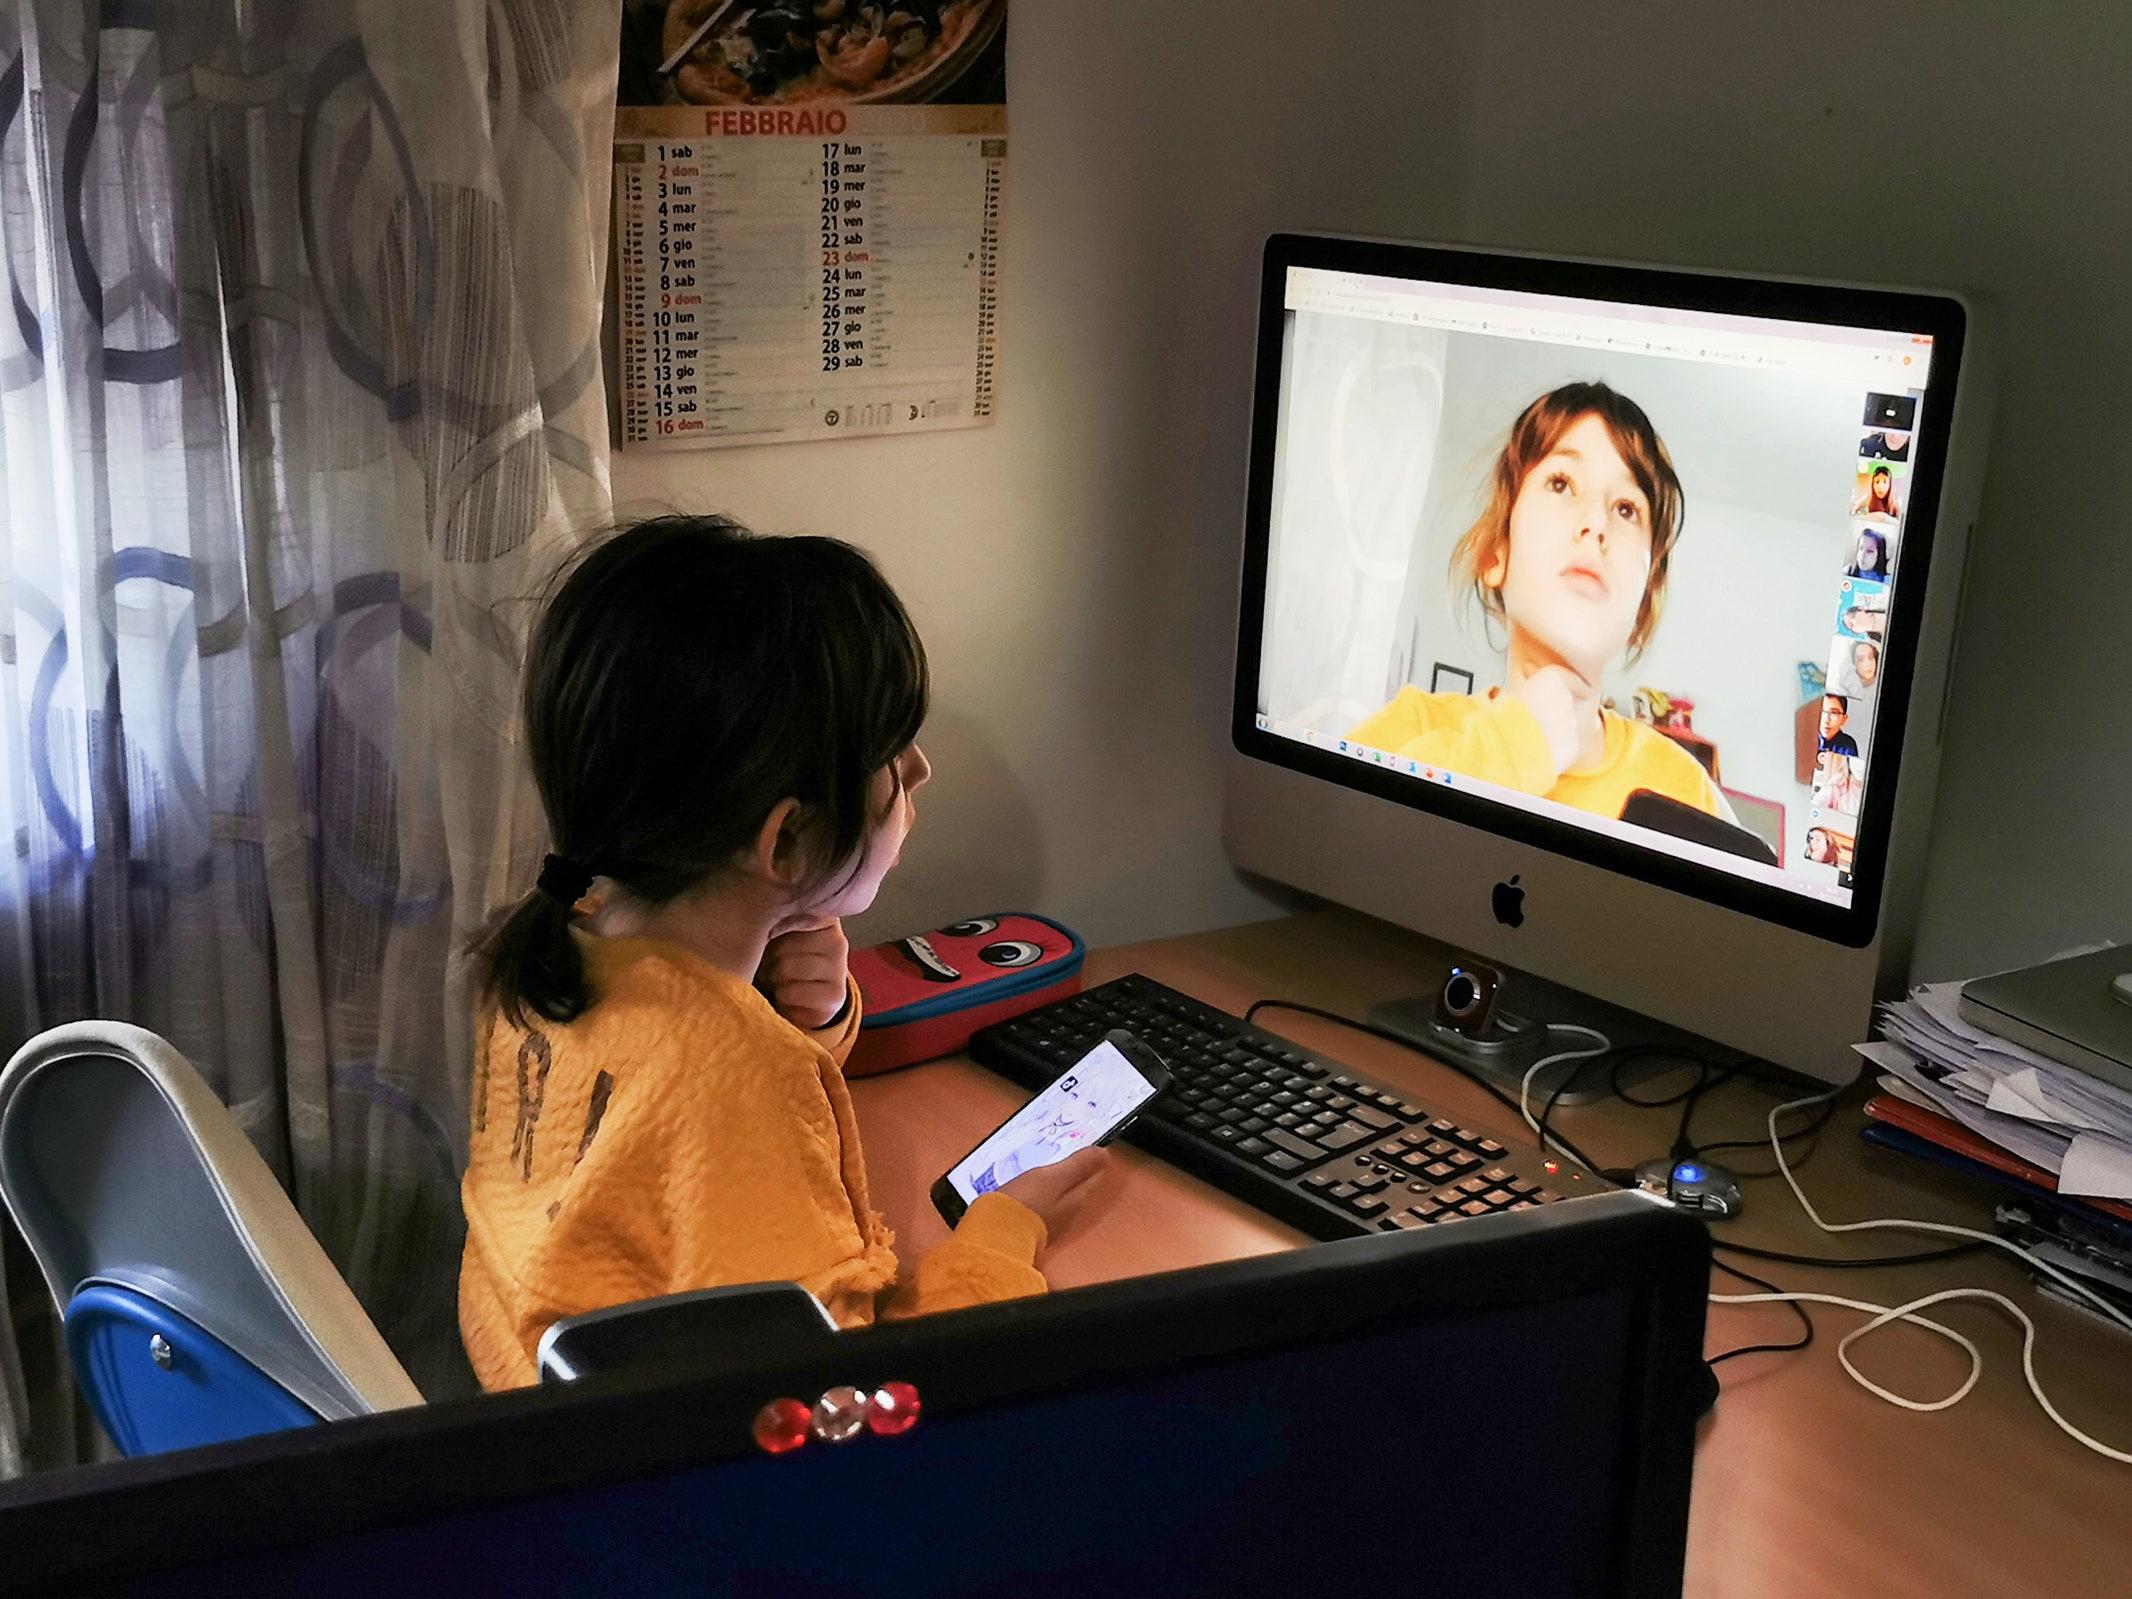 Online Classrooms